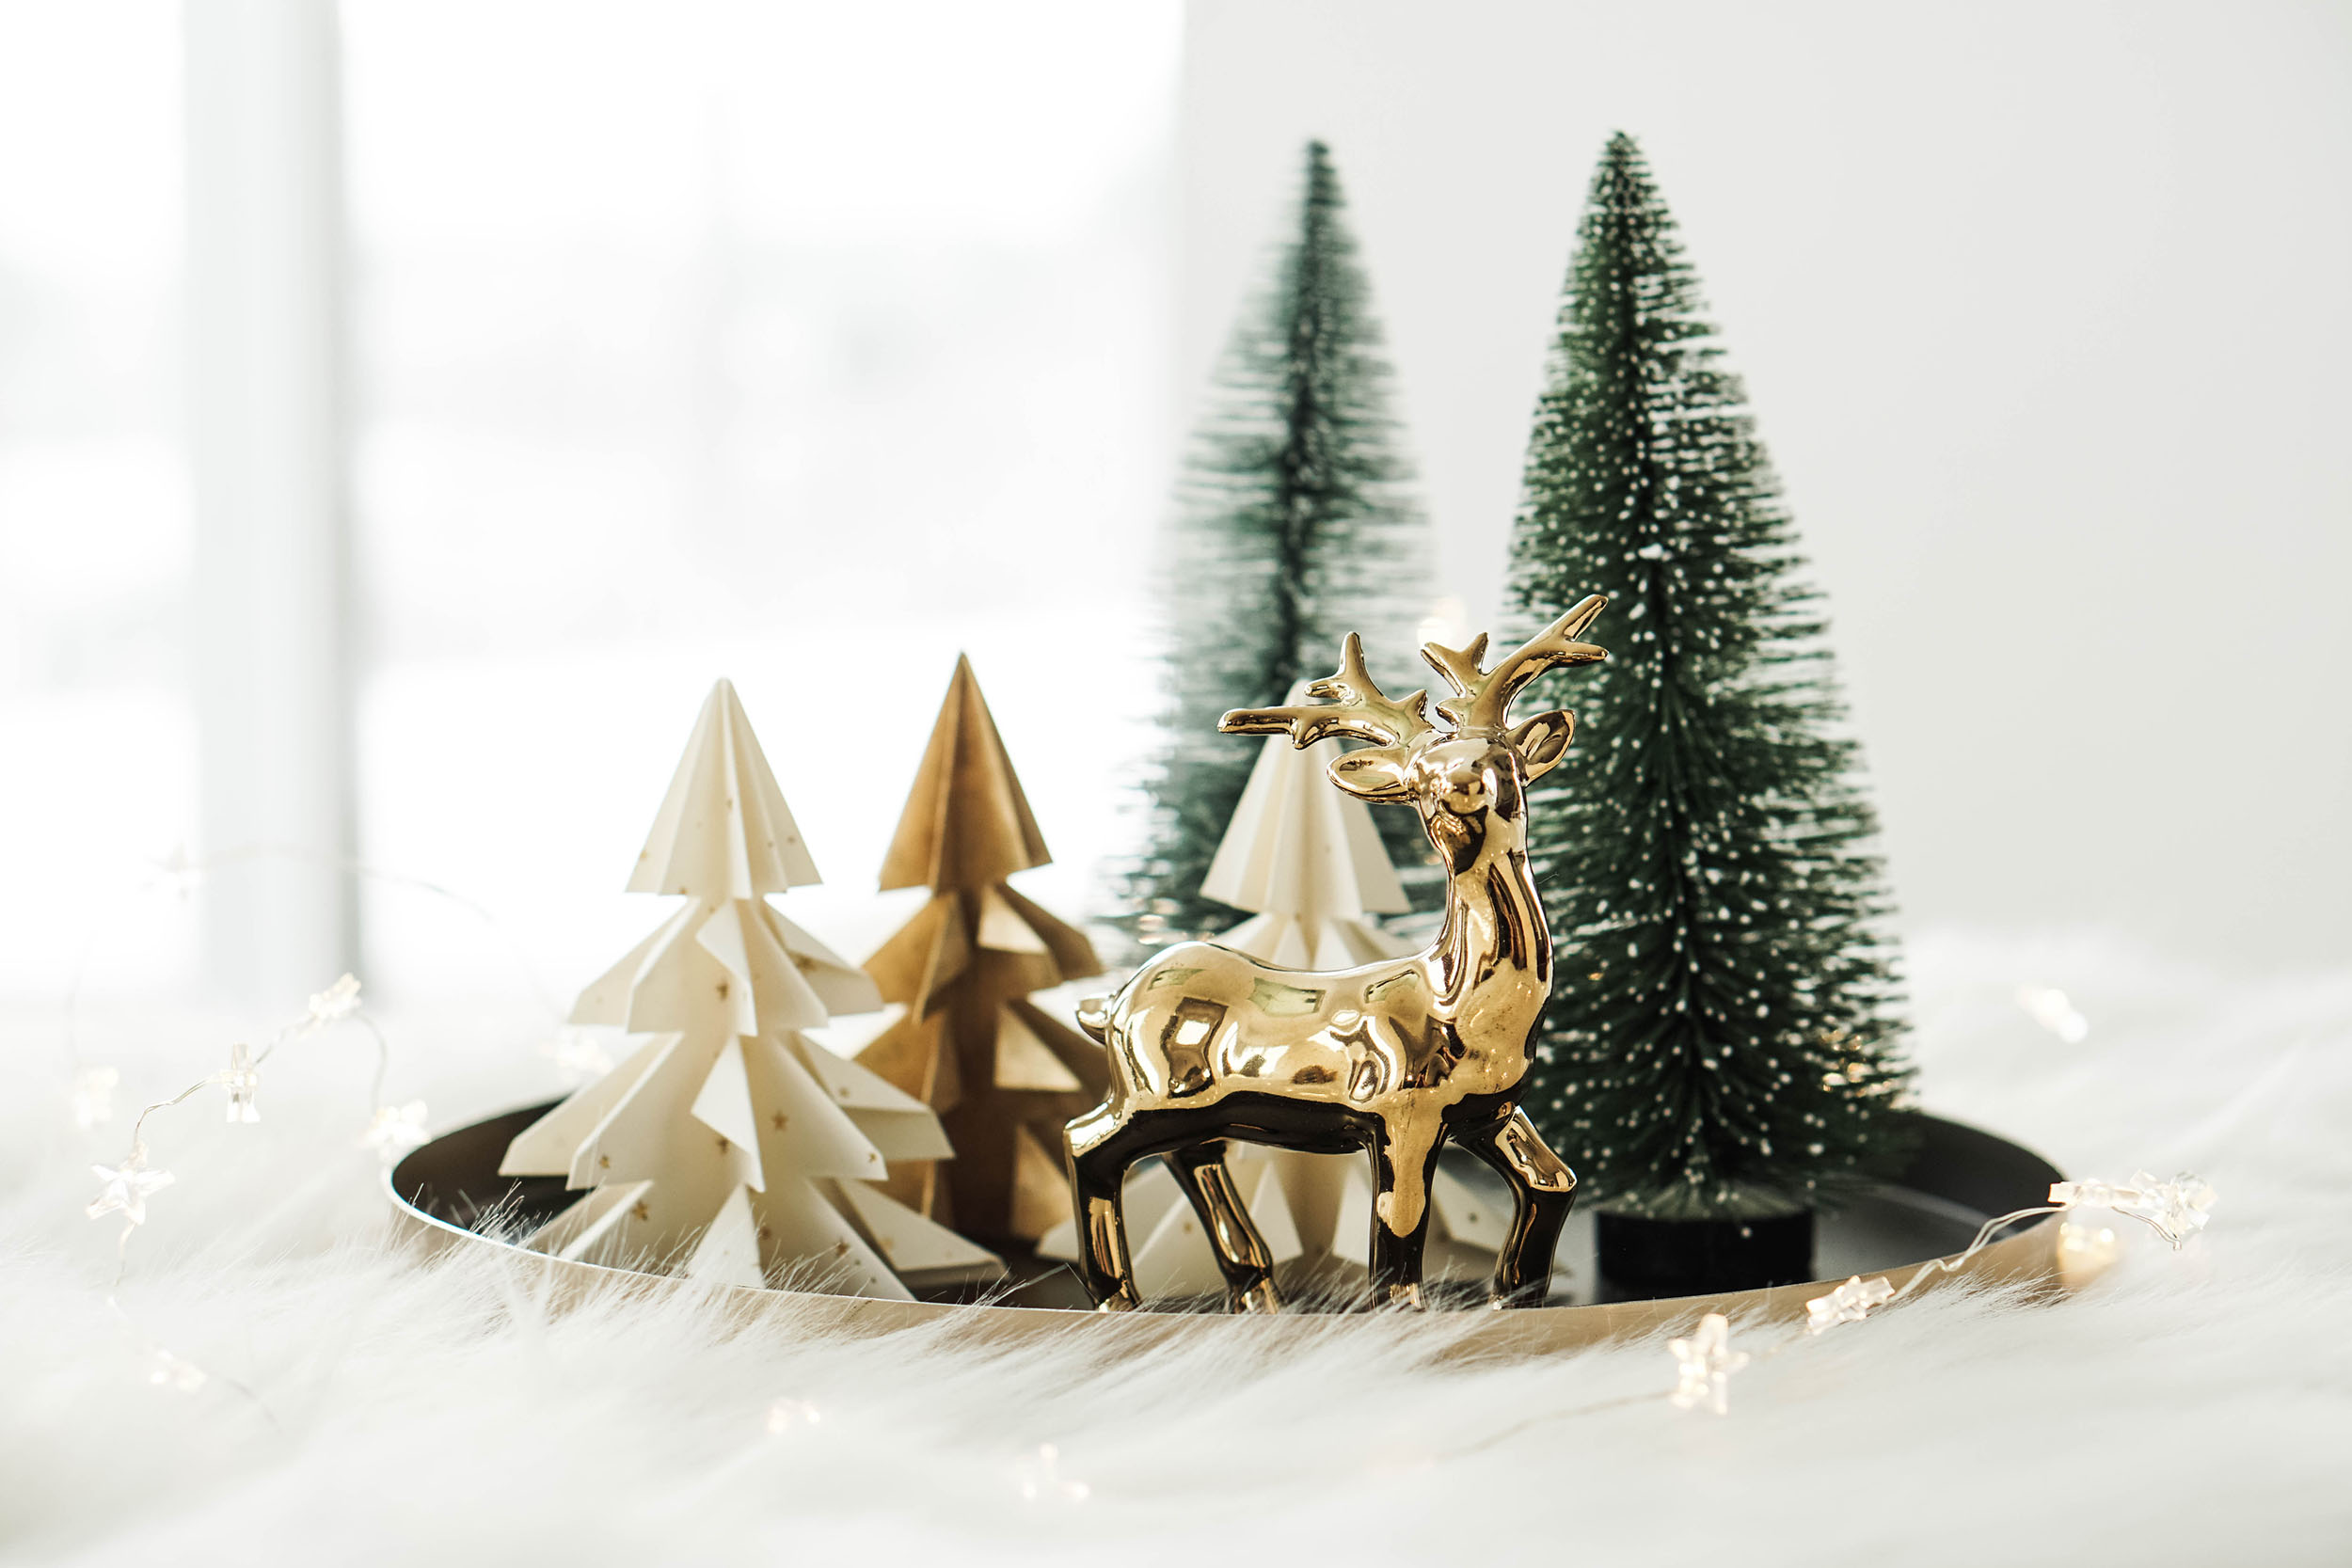 Weihnachtsdeko Diy diy weihnachtsdeko origami christbäume falten my mirror